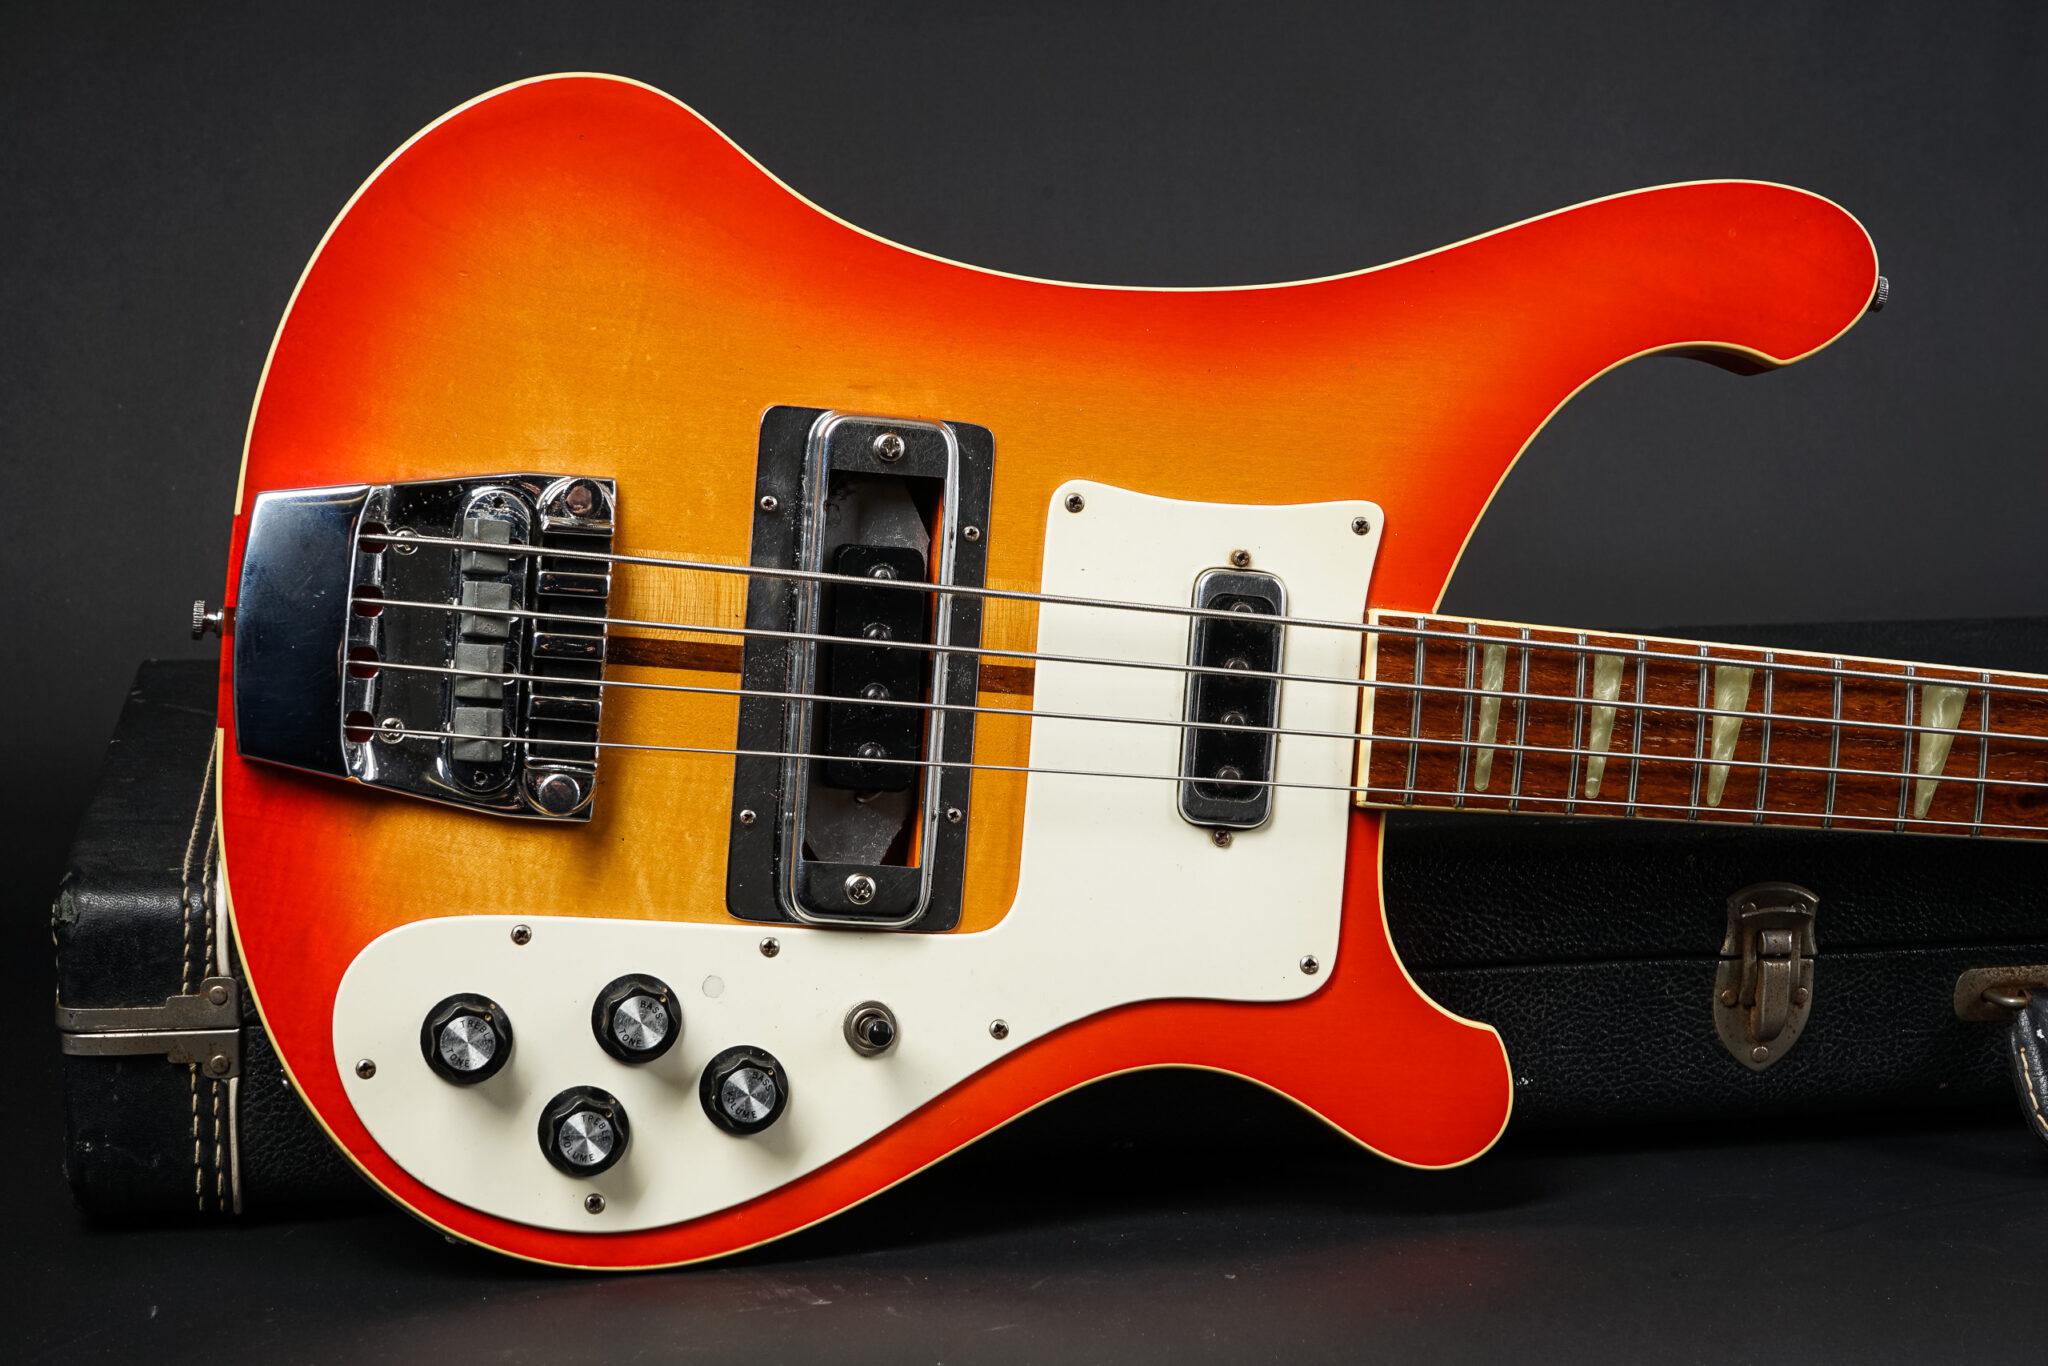 https://guitarpoint.de/app/uploads/products/1977-rickenbackerr-4001-qj4506/1977-Rickenbacker-4001-Fireglo-9-2048x1366.jpg